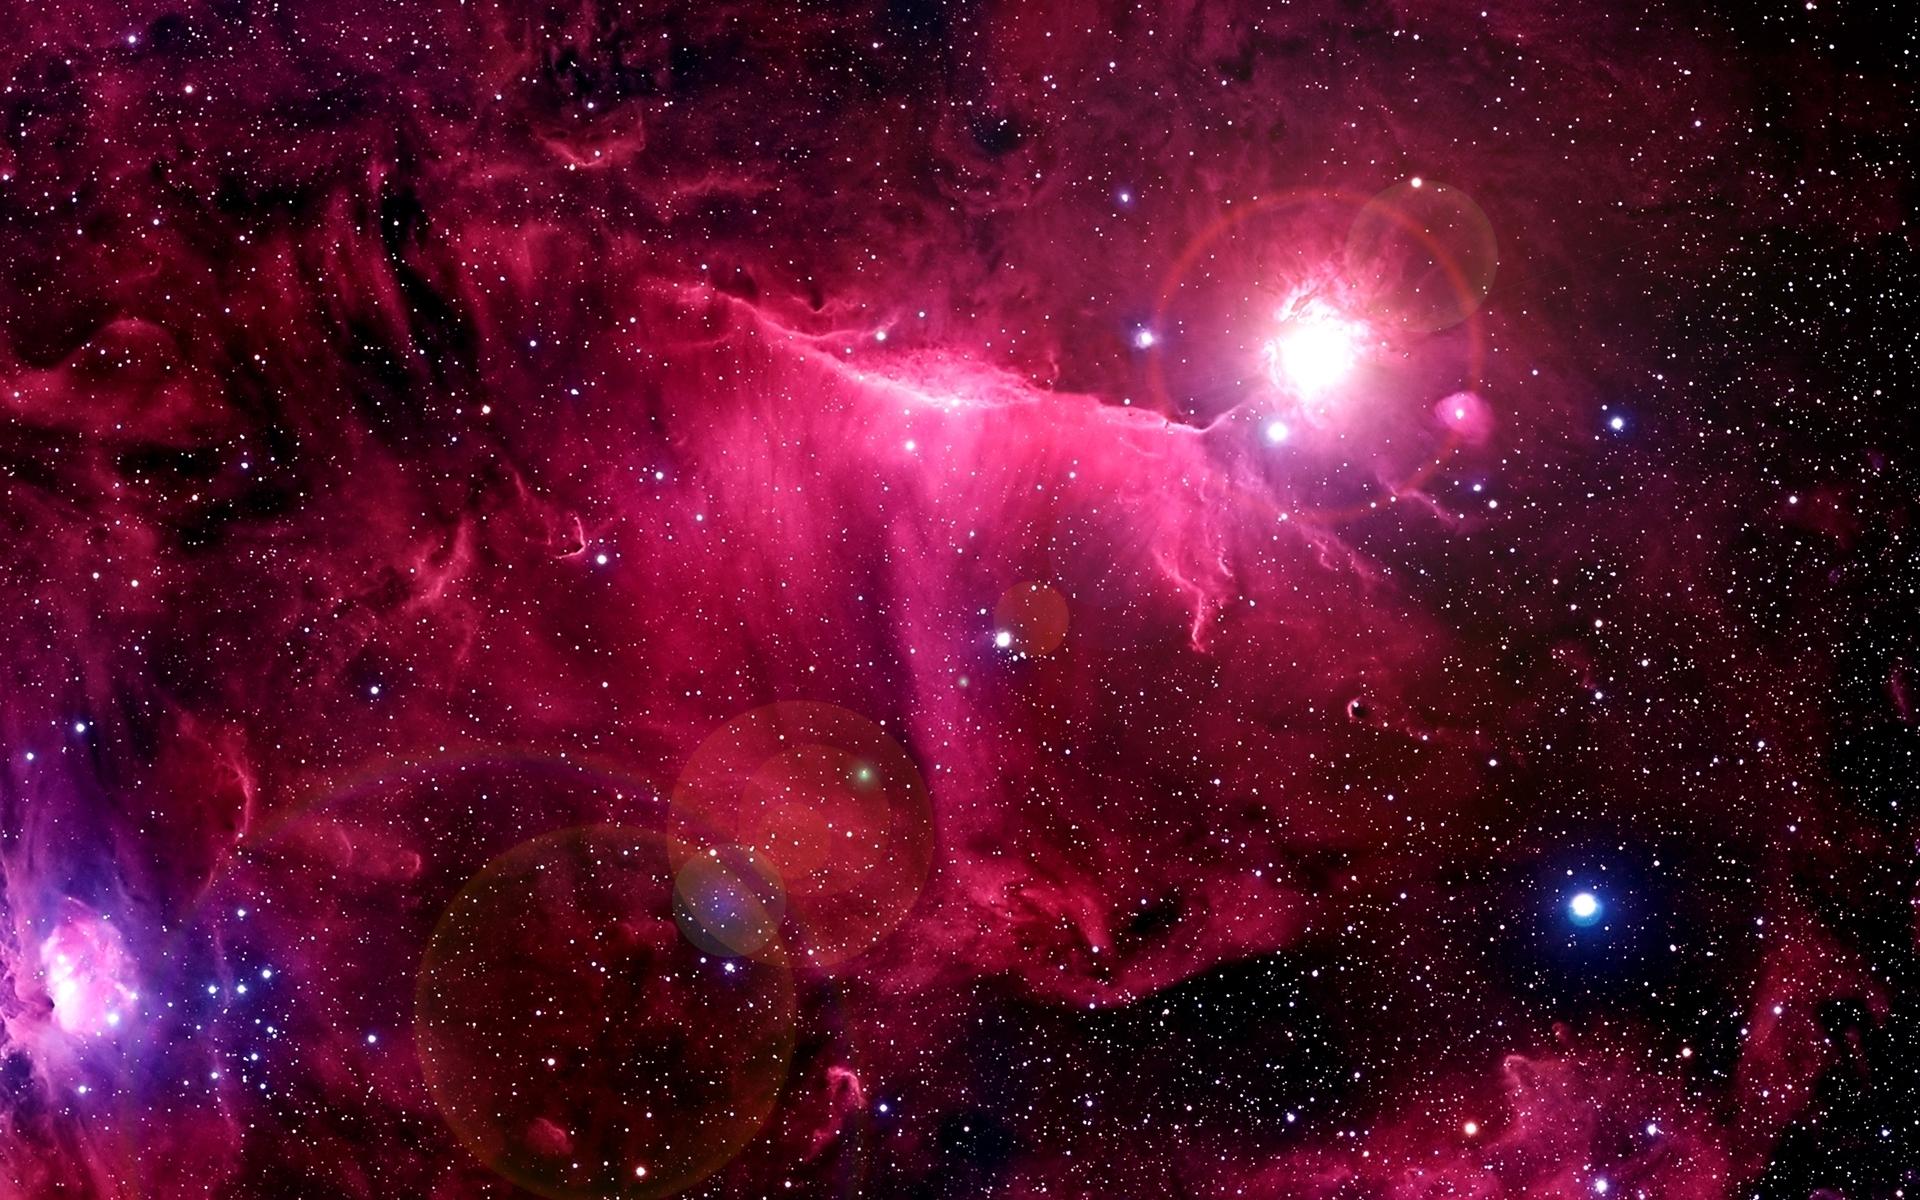 2015 1920x1200 nebula - photo #22